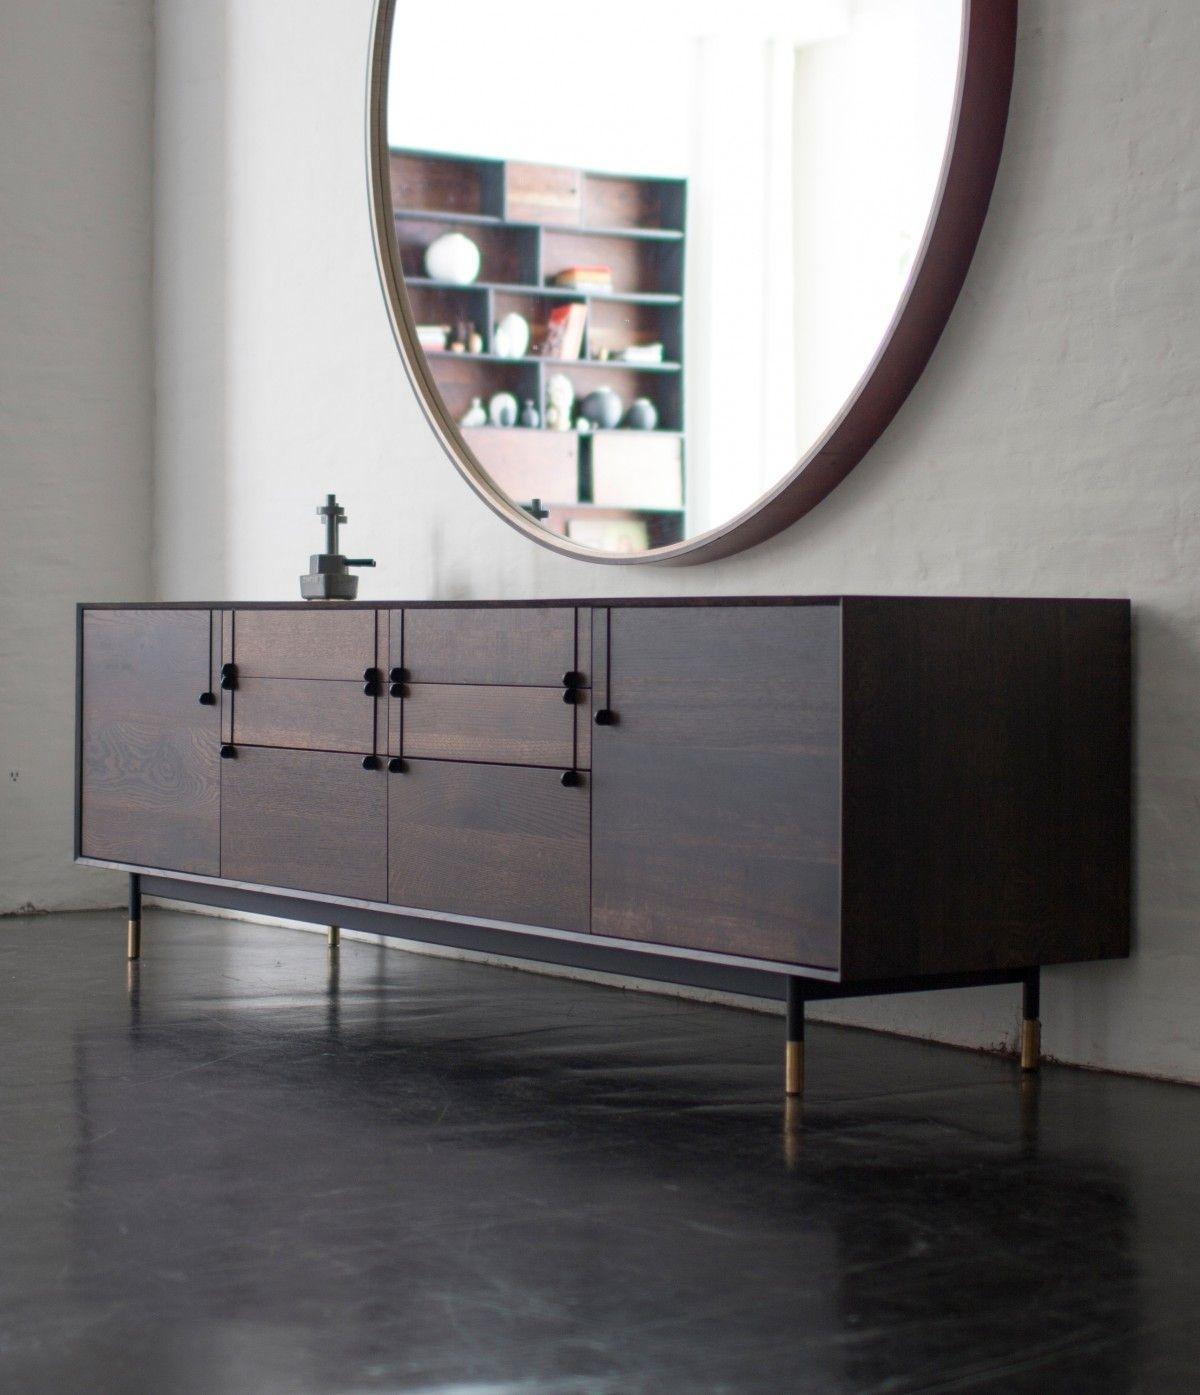 Furniture | Lake Credenza | Bddw | Sideboard | Pinterest | Furniture regarding Rani 4 Door Sideboards (Image 7 of 30)